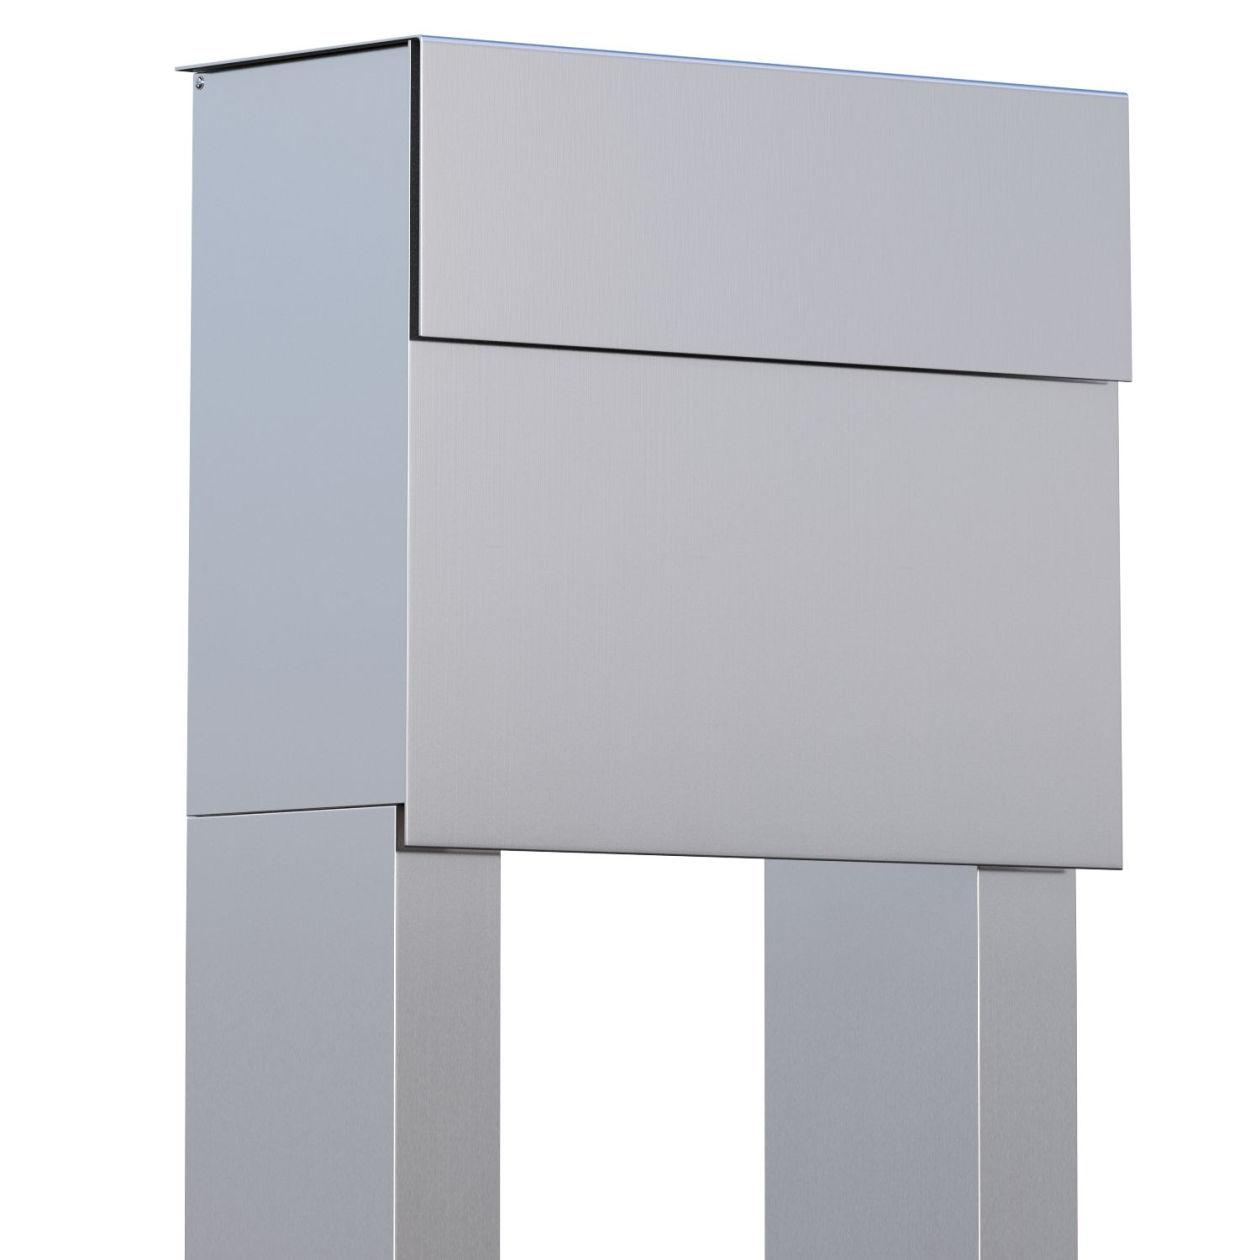 standbriefkasten design briefkasten molto stand edelstahl. Black Bedroom Furniture Sets. Home Design Ideas